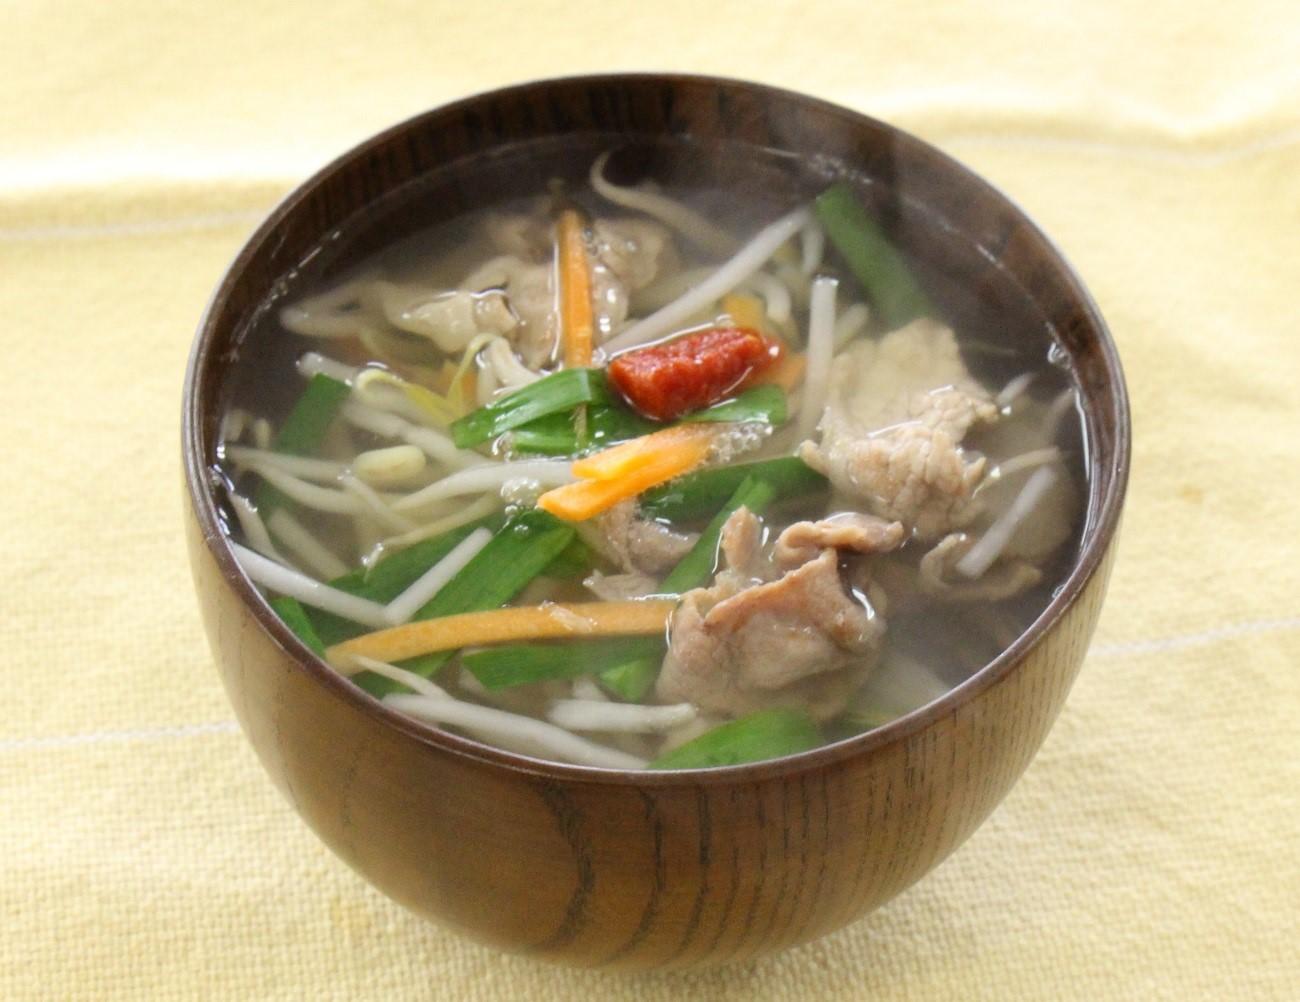 カット野菜で豚肉の和風スープ